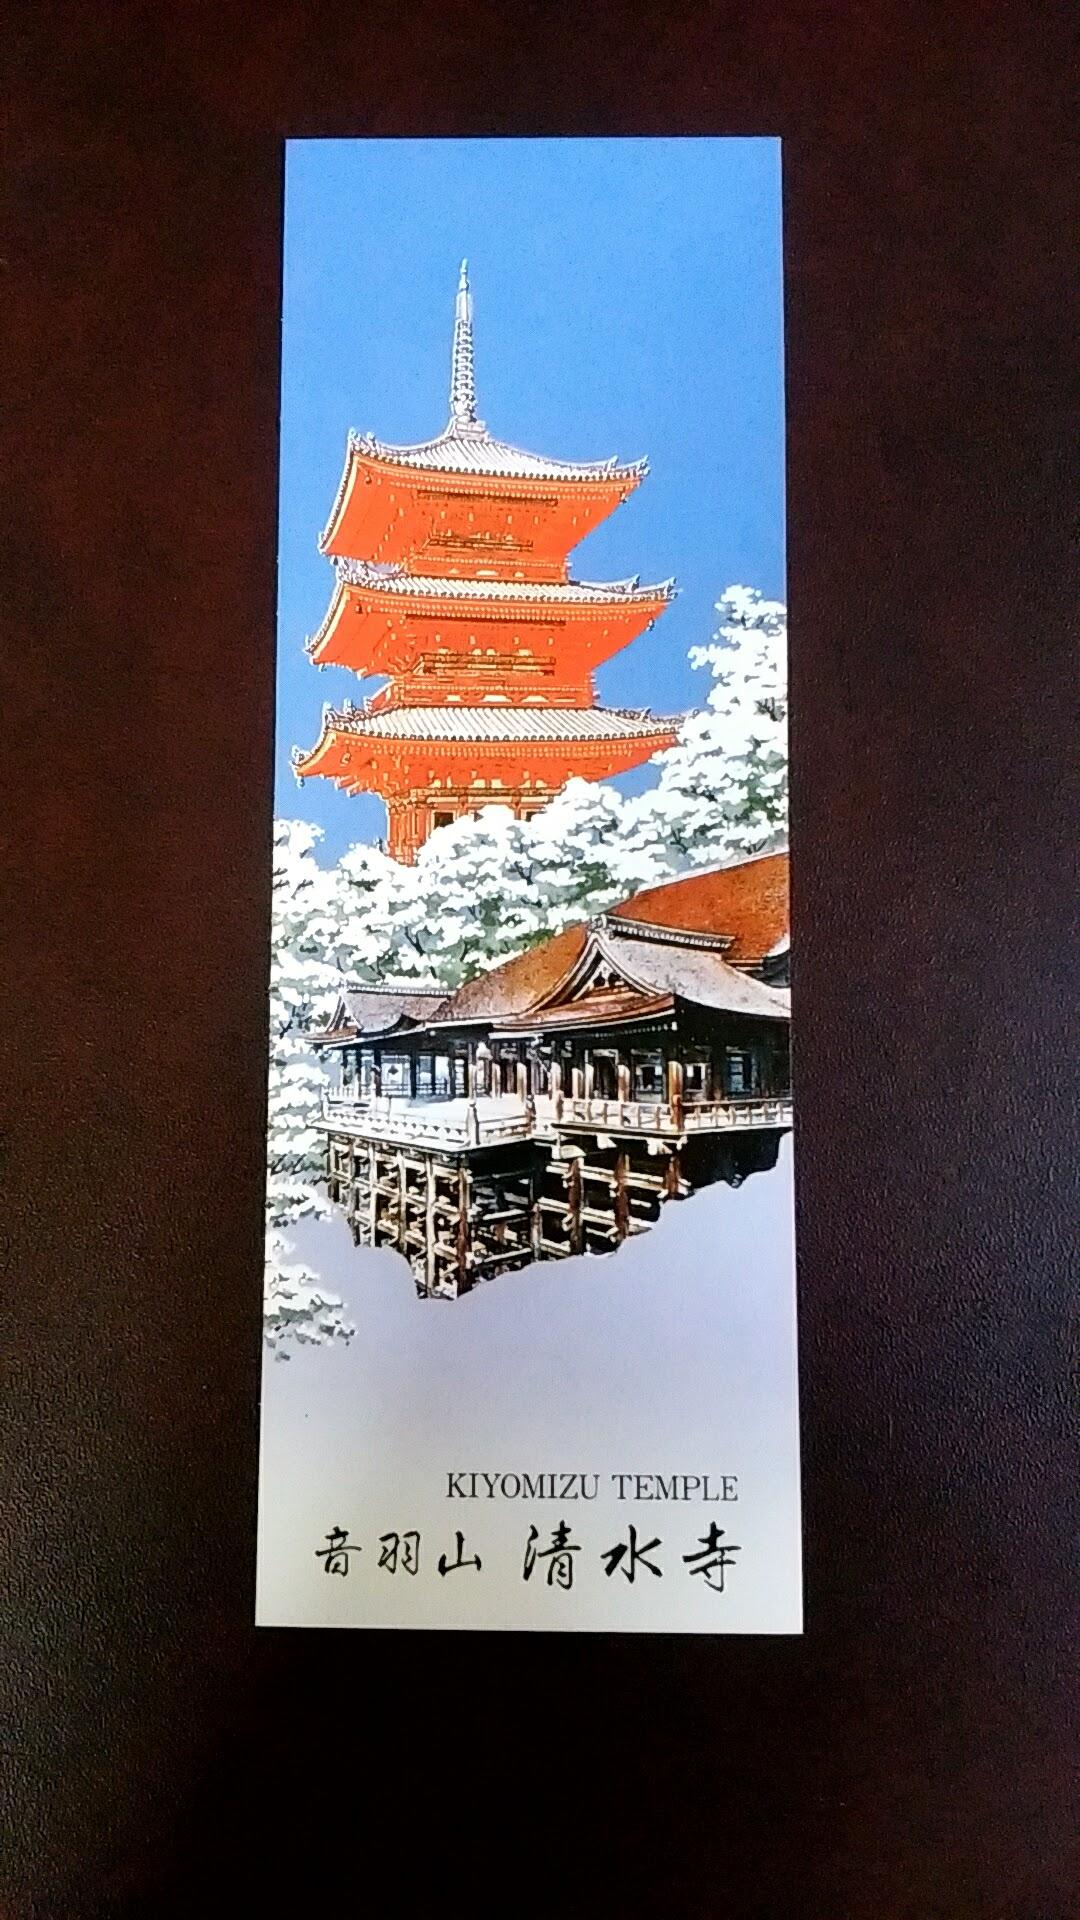 清水寺の拝観券(表)